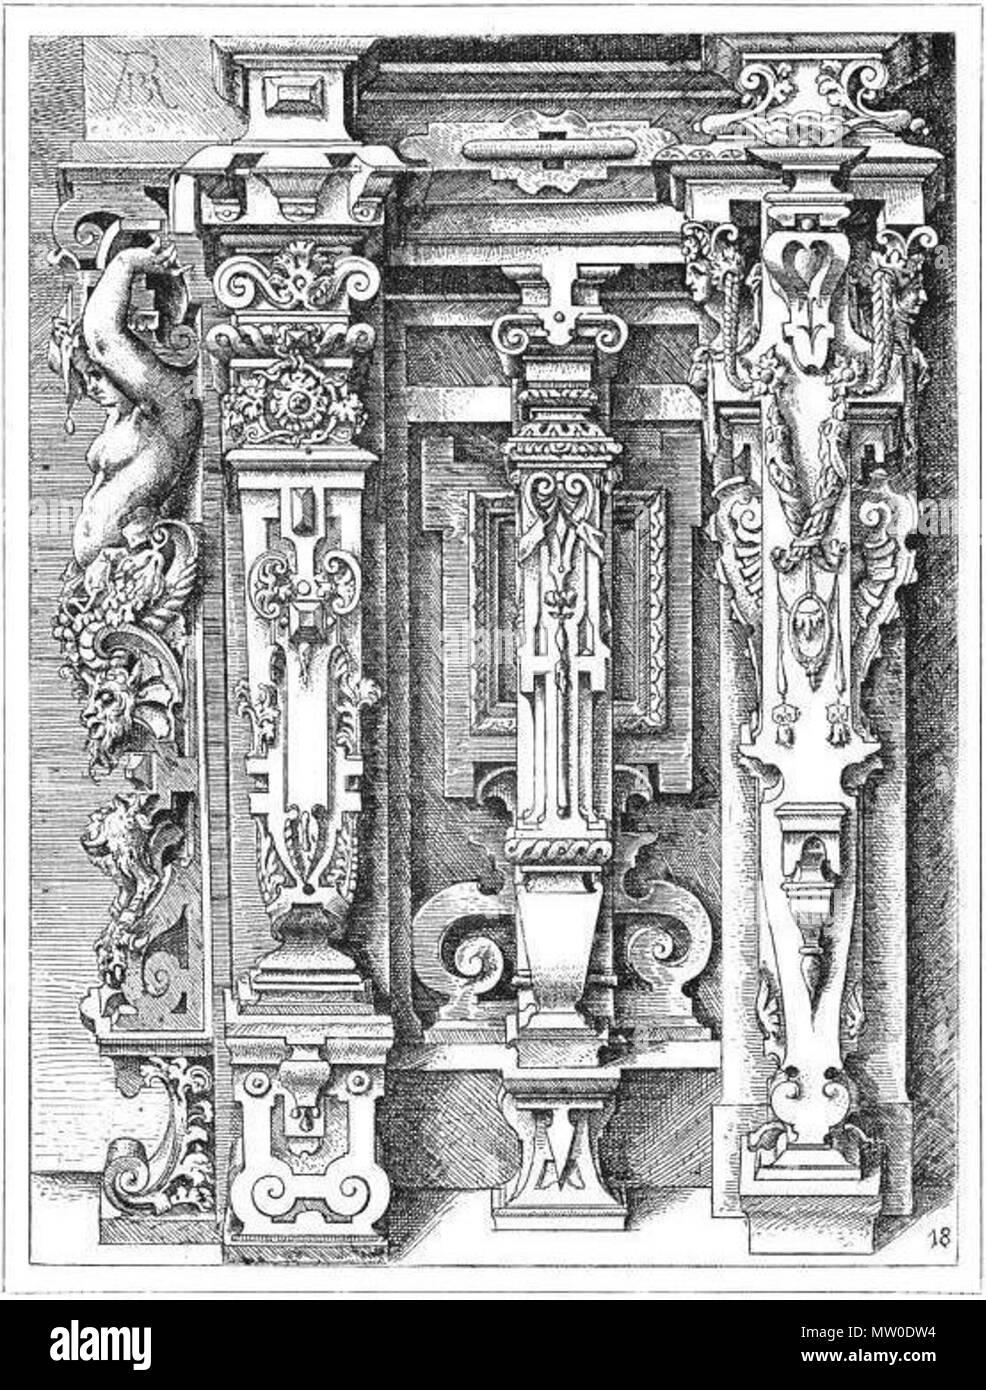 . 'Pilastres, gaines, par W. Dietterlin'. 1861. Wendel Dietterlin (fac-simile) 484 Pilastres, gaines ioniques (Dietterlin, pl. 100) - Stock Image